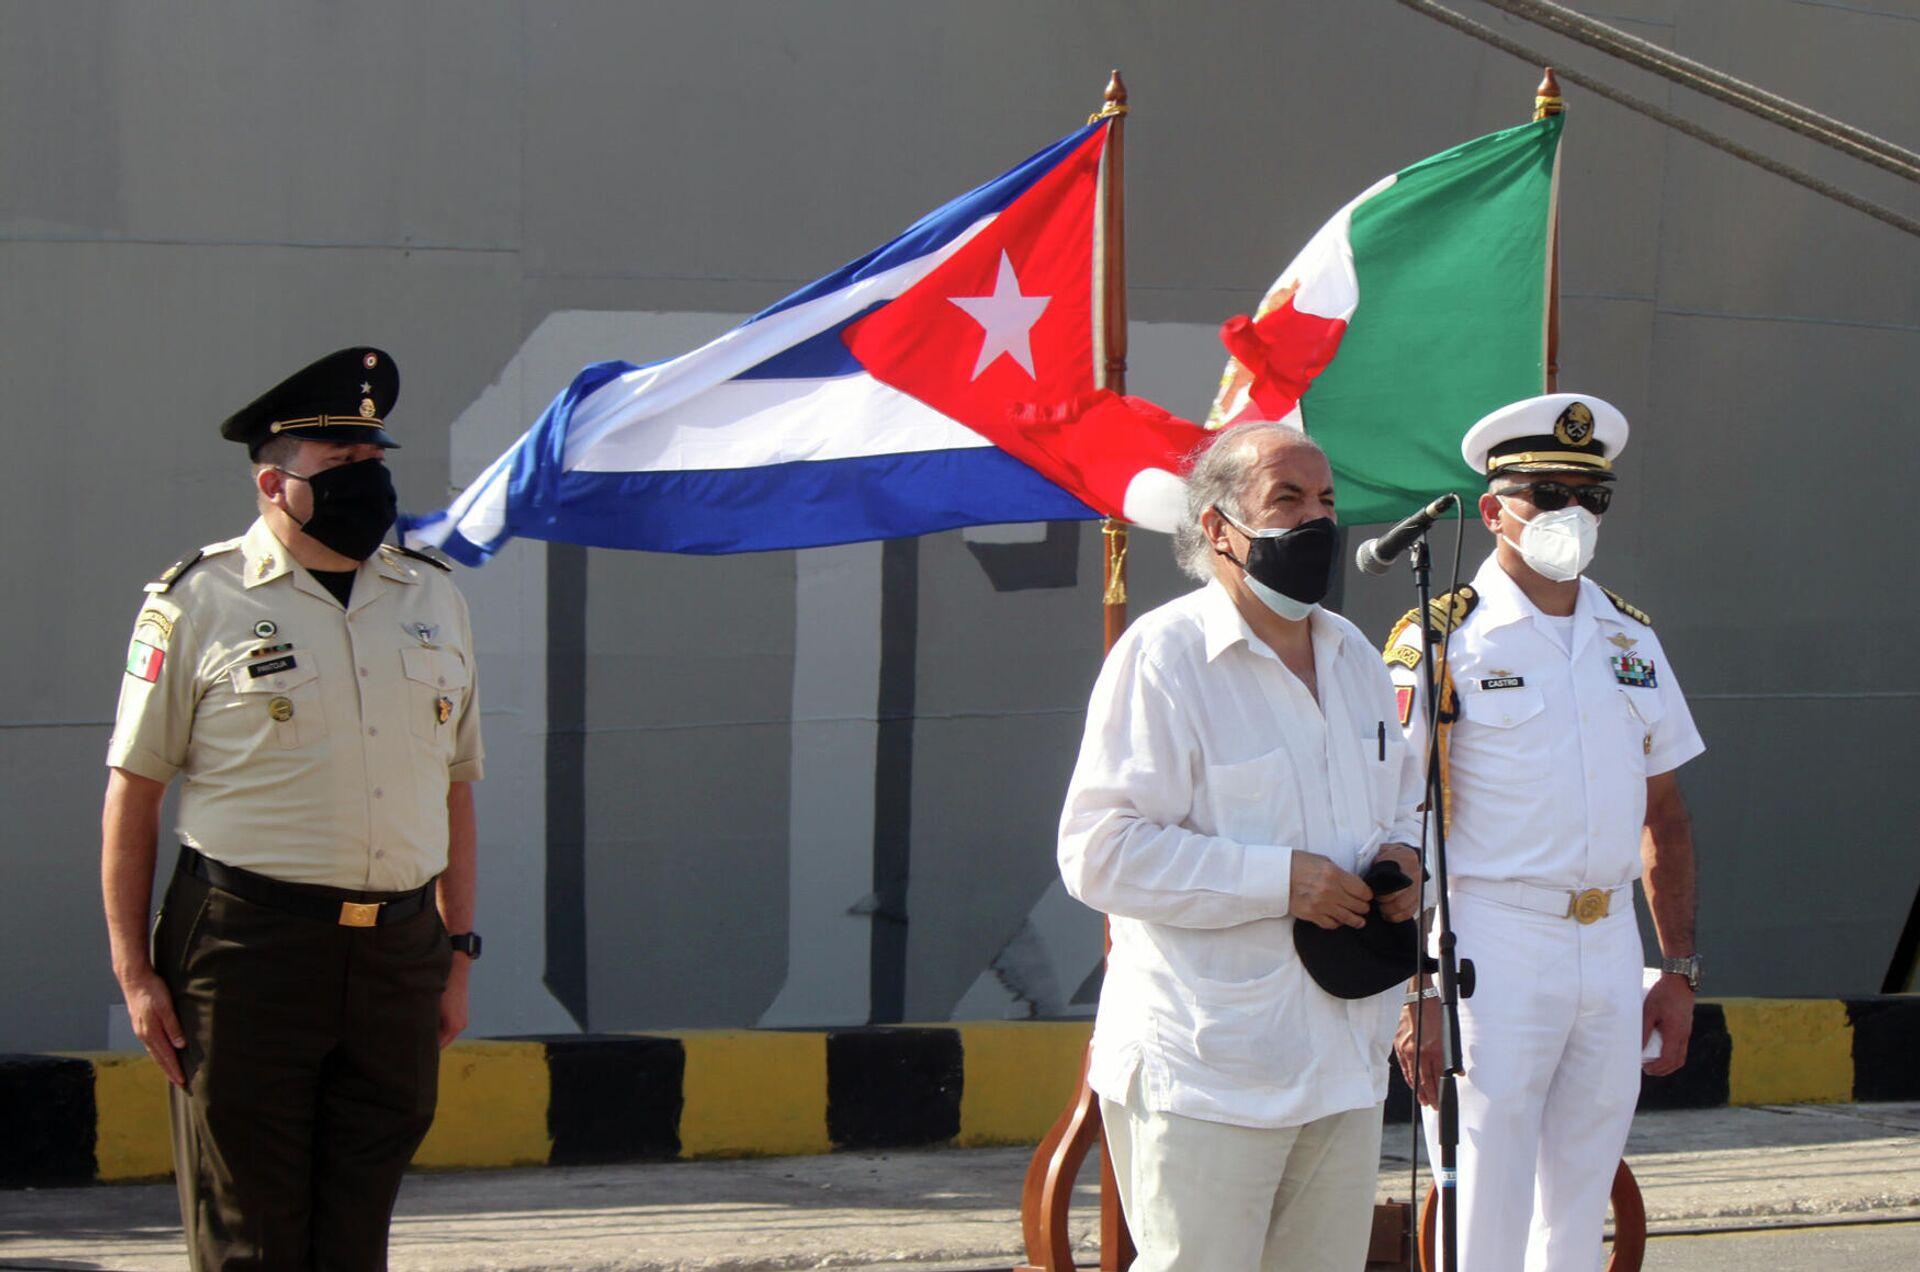 El embajador de México en Cuba, Miguel Díaz Reinoso, durante el recibimiento del buque Libertador, con ayuda humanitaria para Cuba - Sputnik Mundo, 1920, 31.07.2021